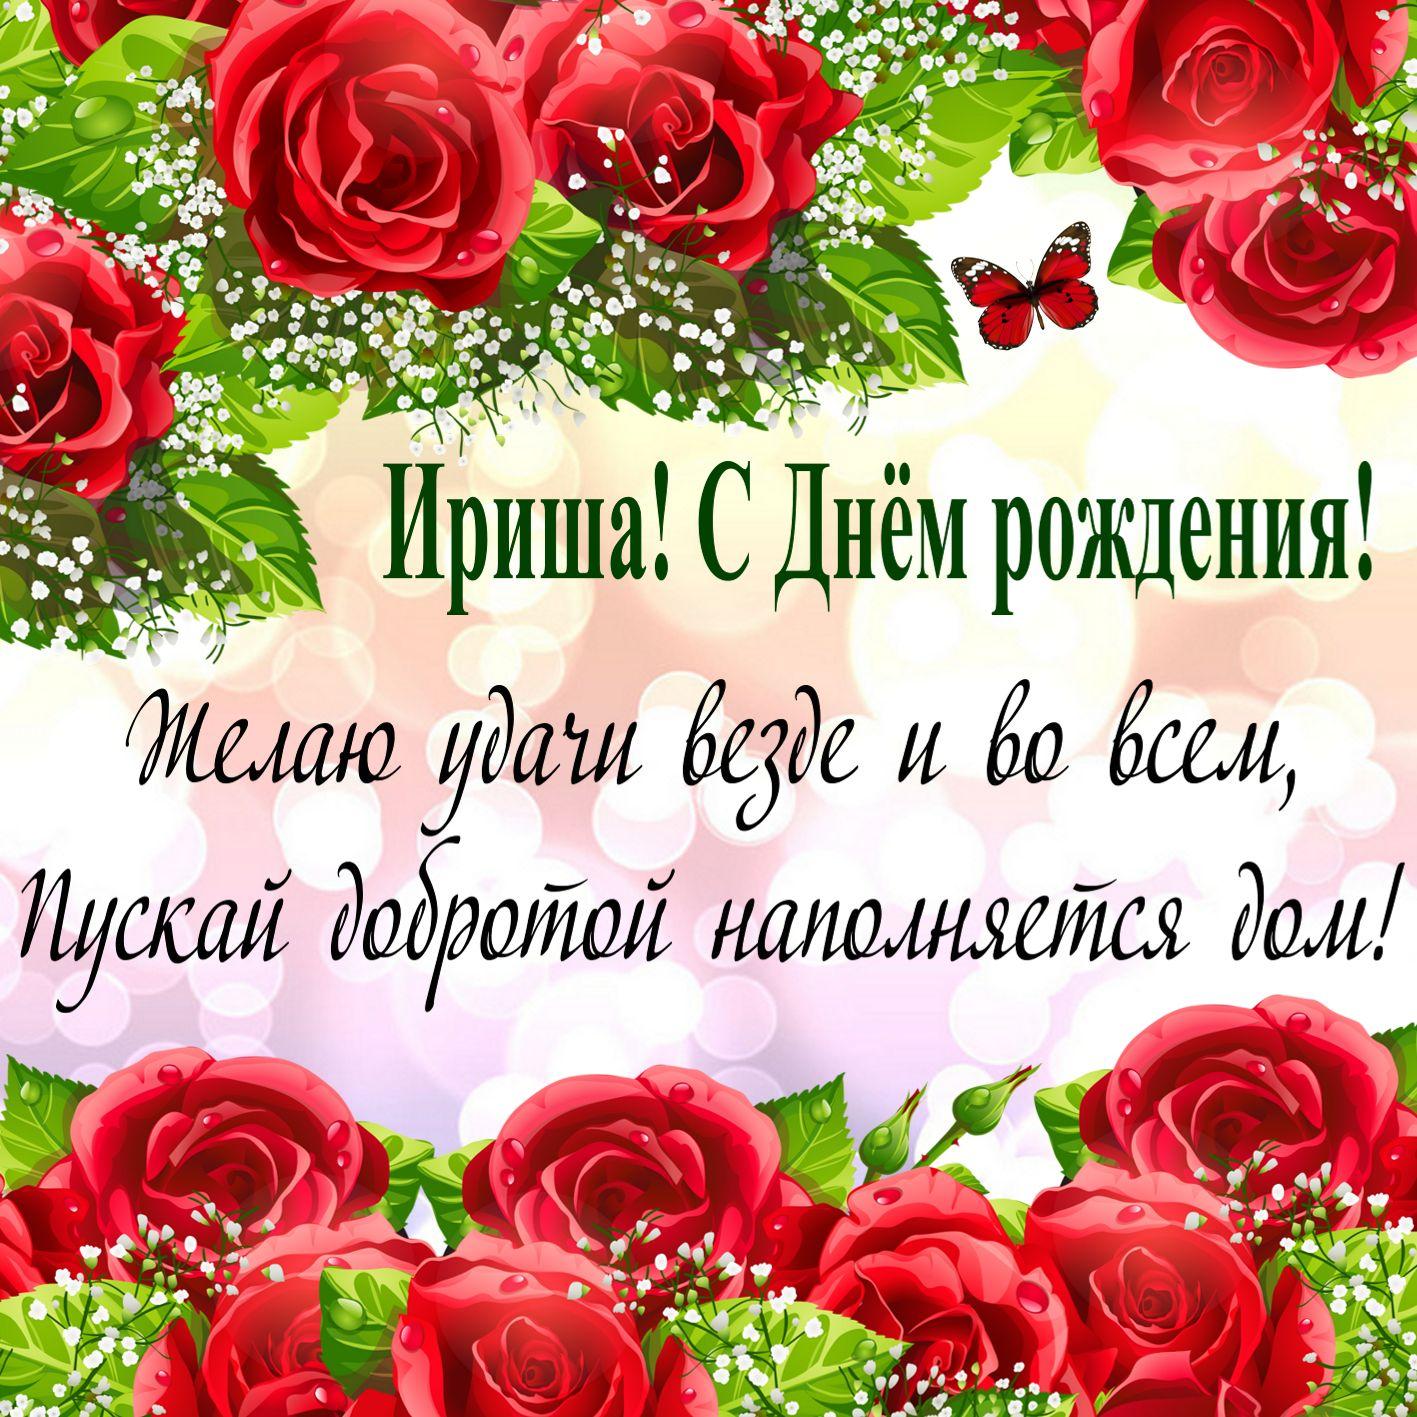 Красивые картинки с днем рождения Ирина (25 фото) 78